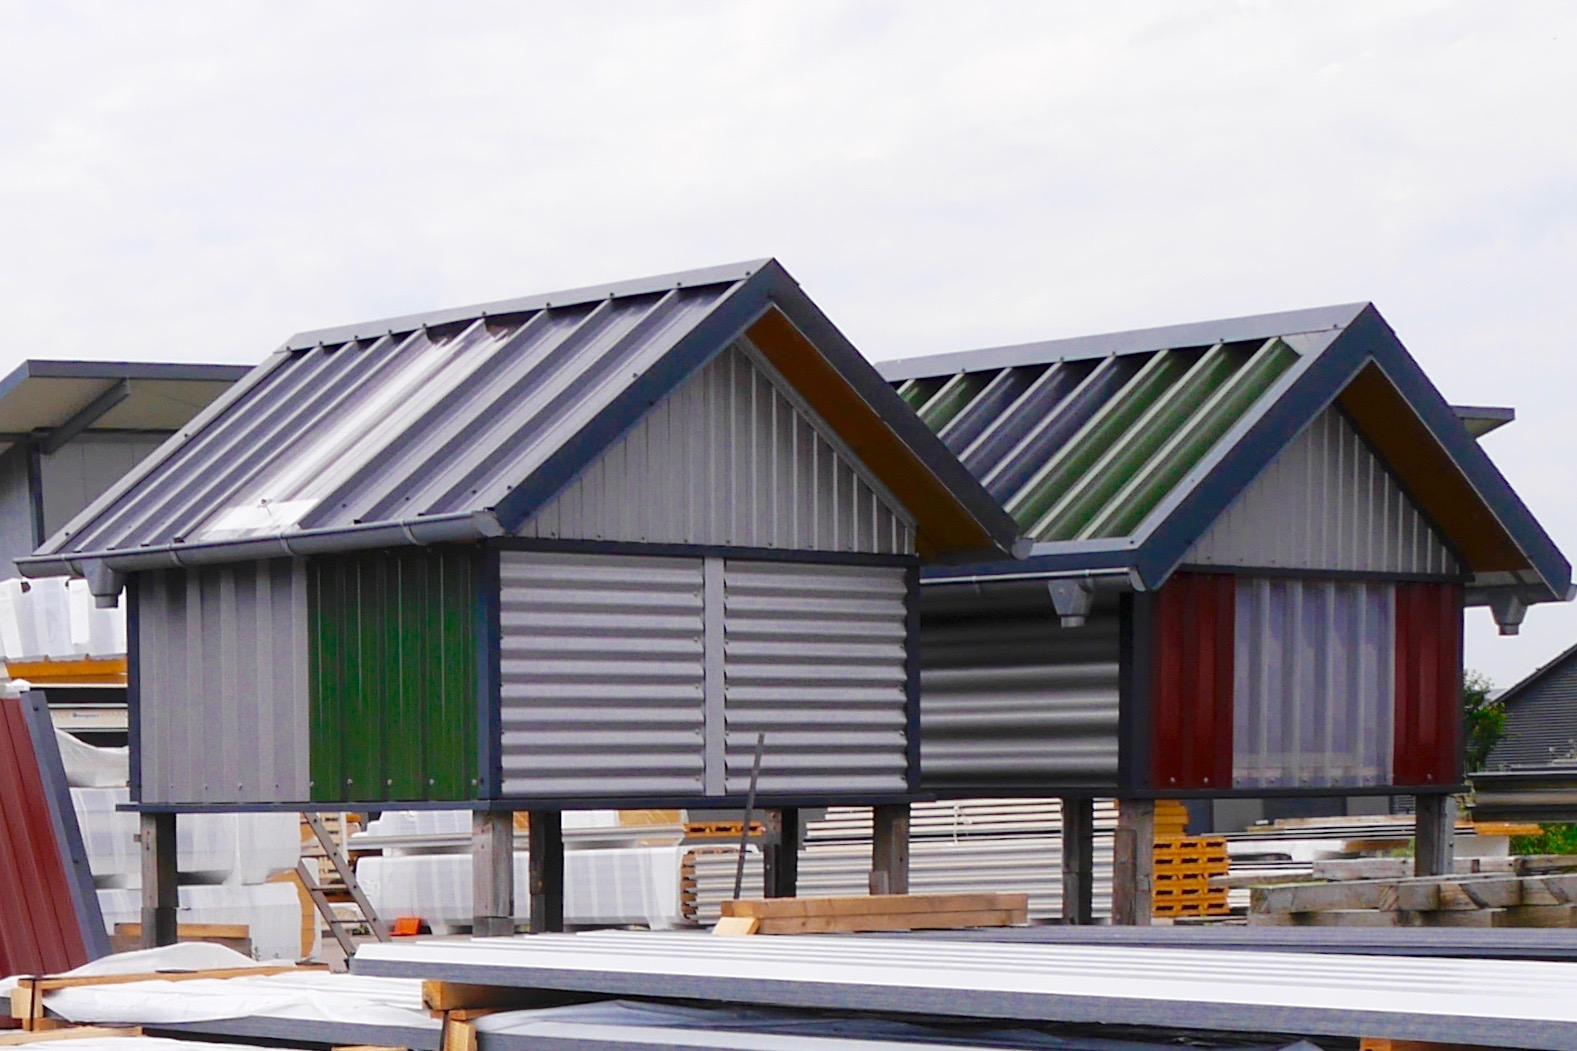 Künstlerisch Fassade Mit Blech Verkleiden Dekoration Von Die Wellenprofilflächen An Fassaden Und Hallen, Erfreuen